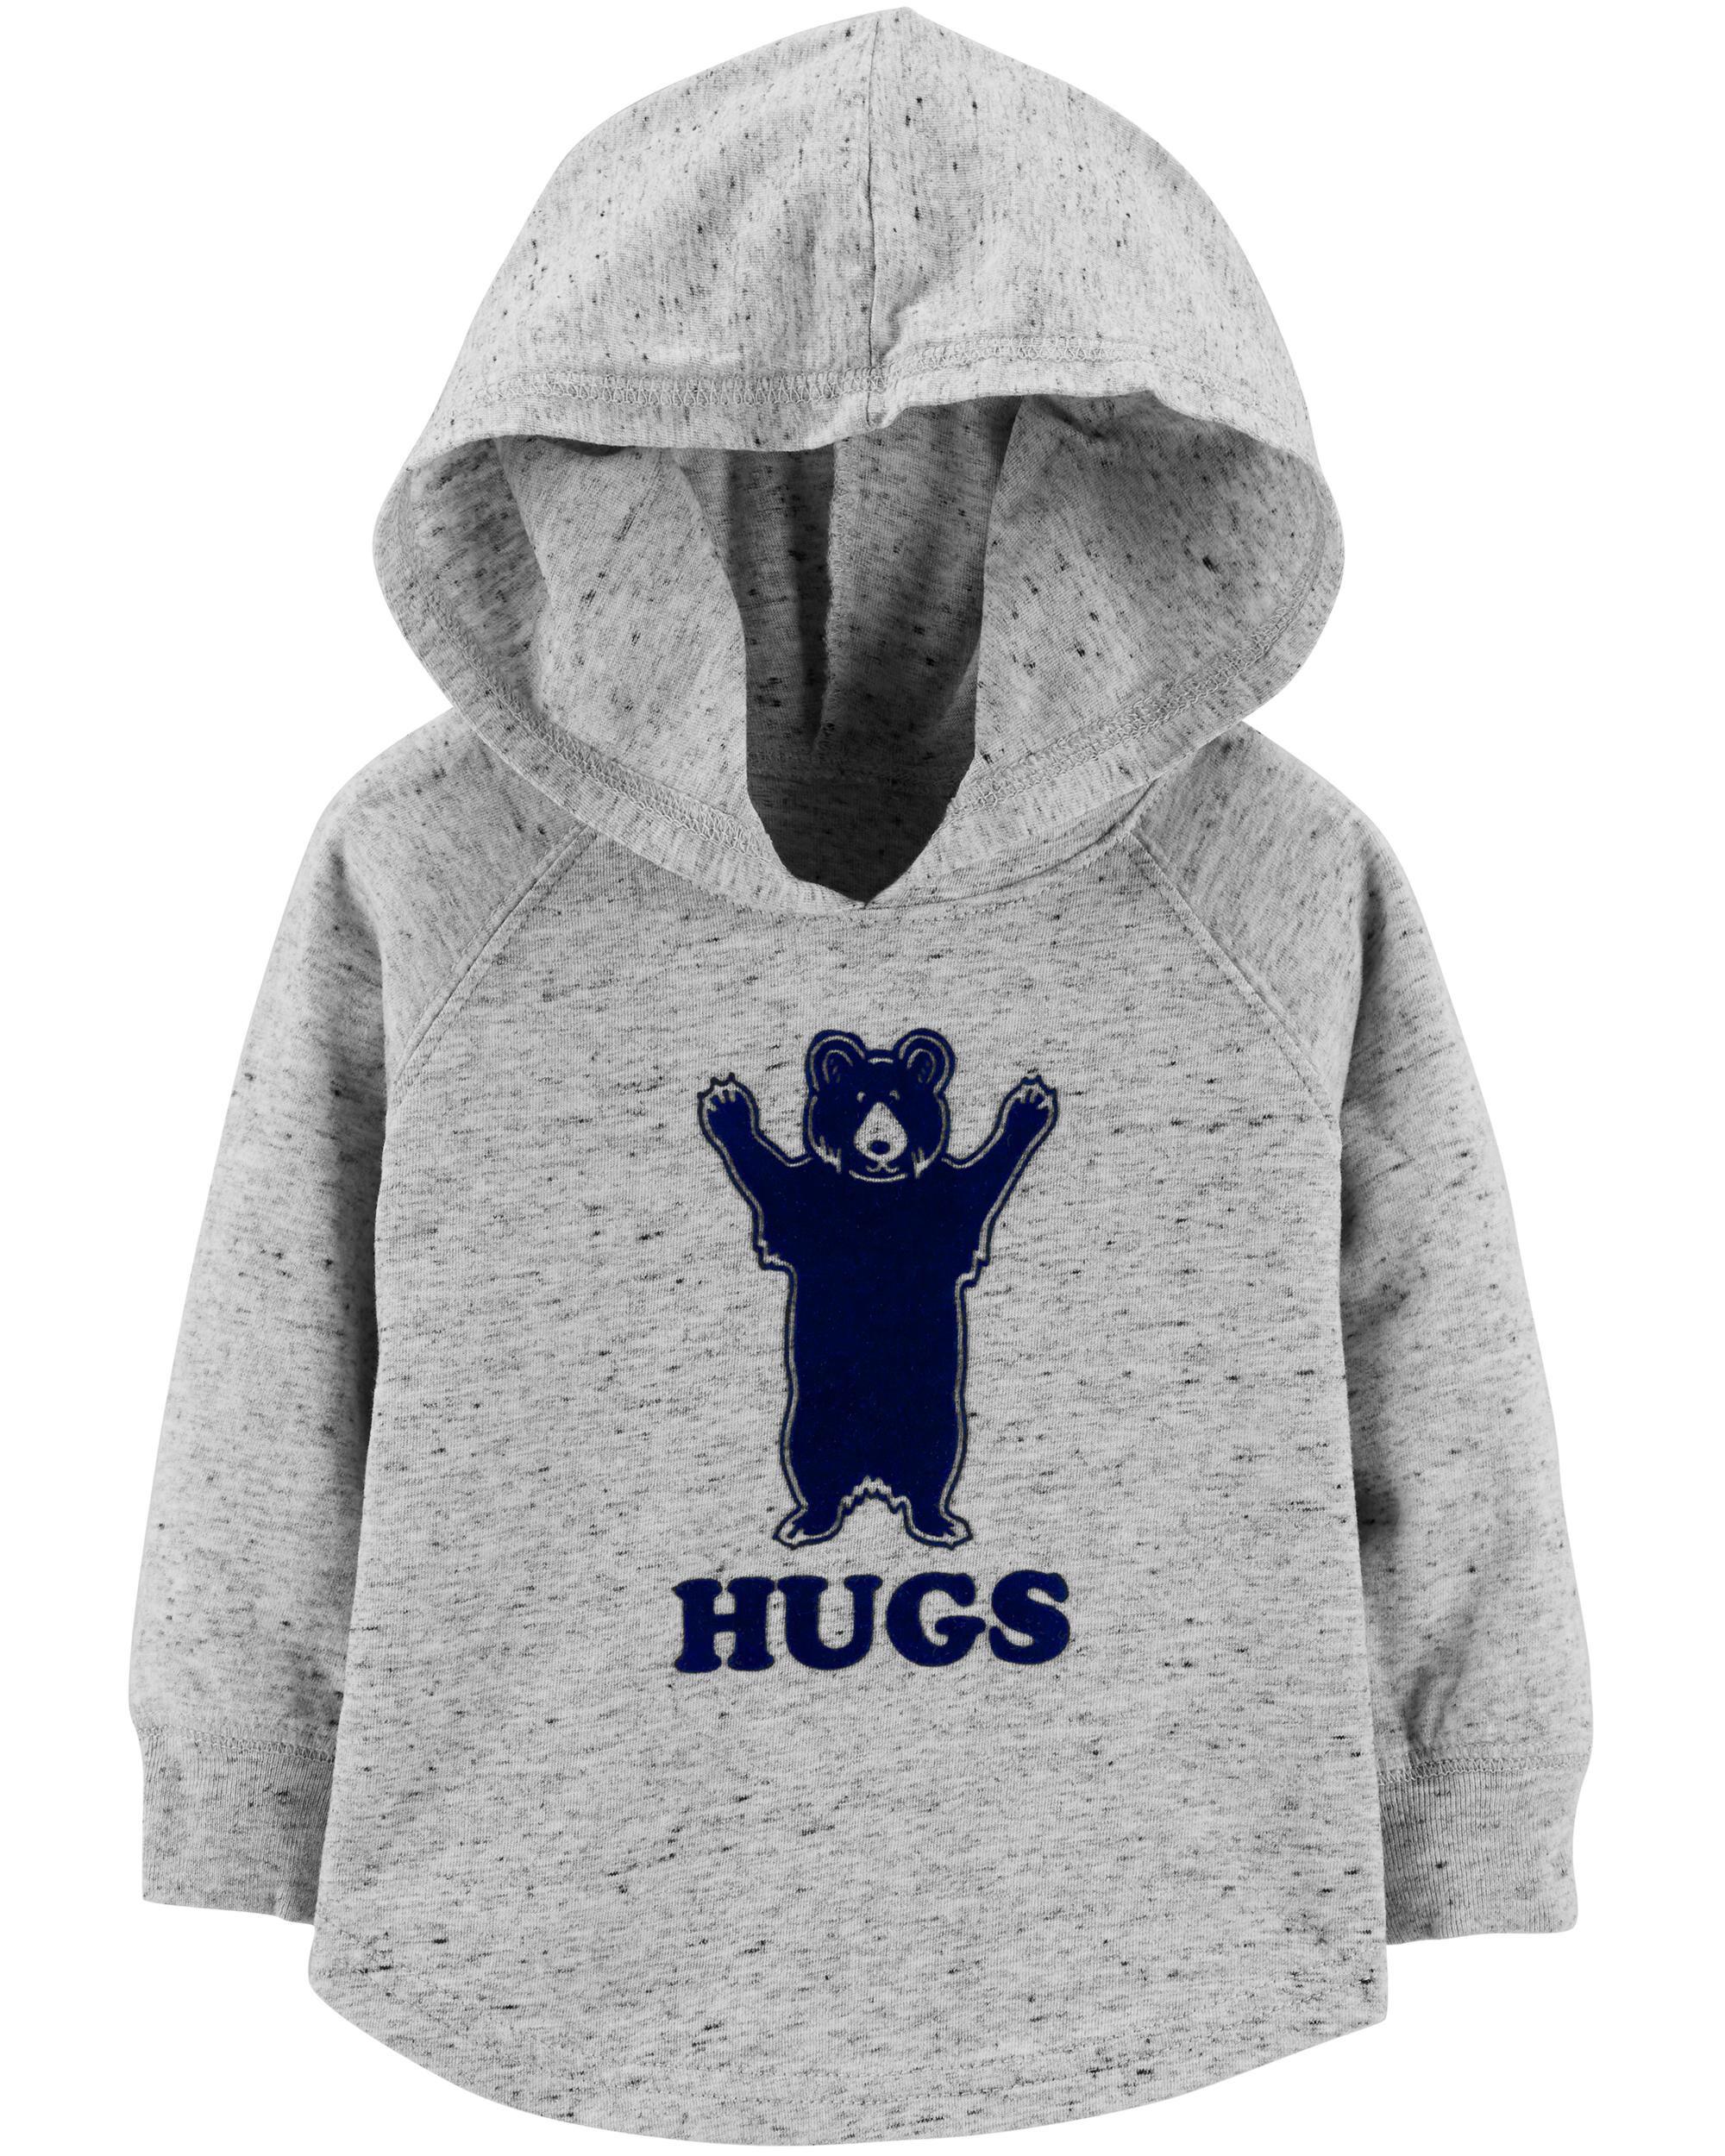 e3a367345326 Bear Hug Pullover